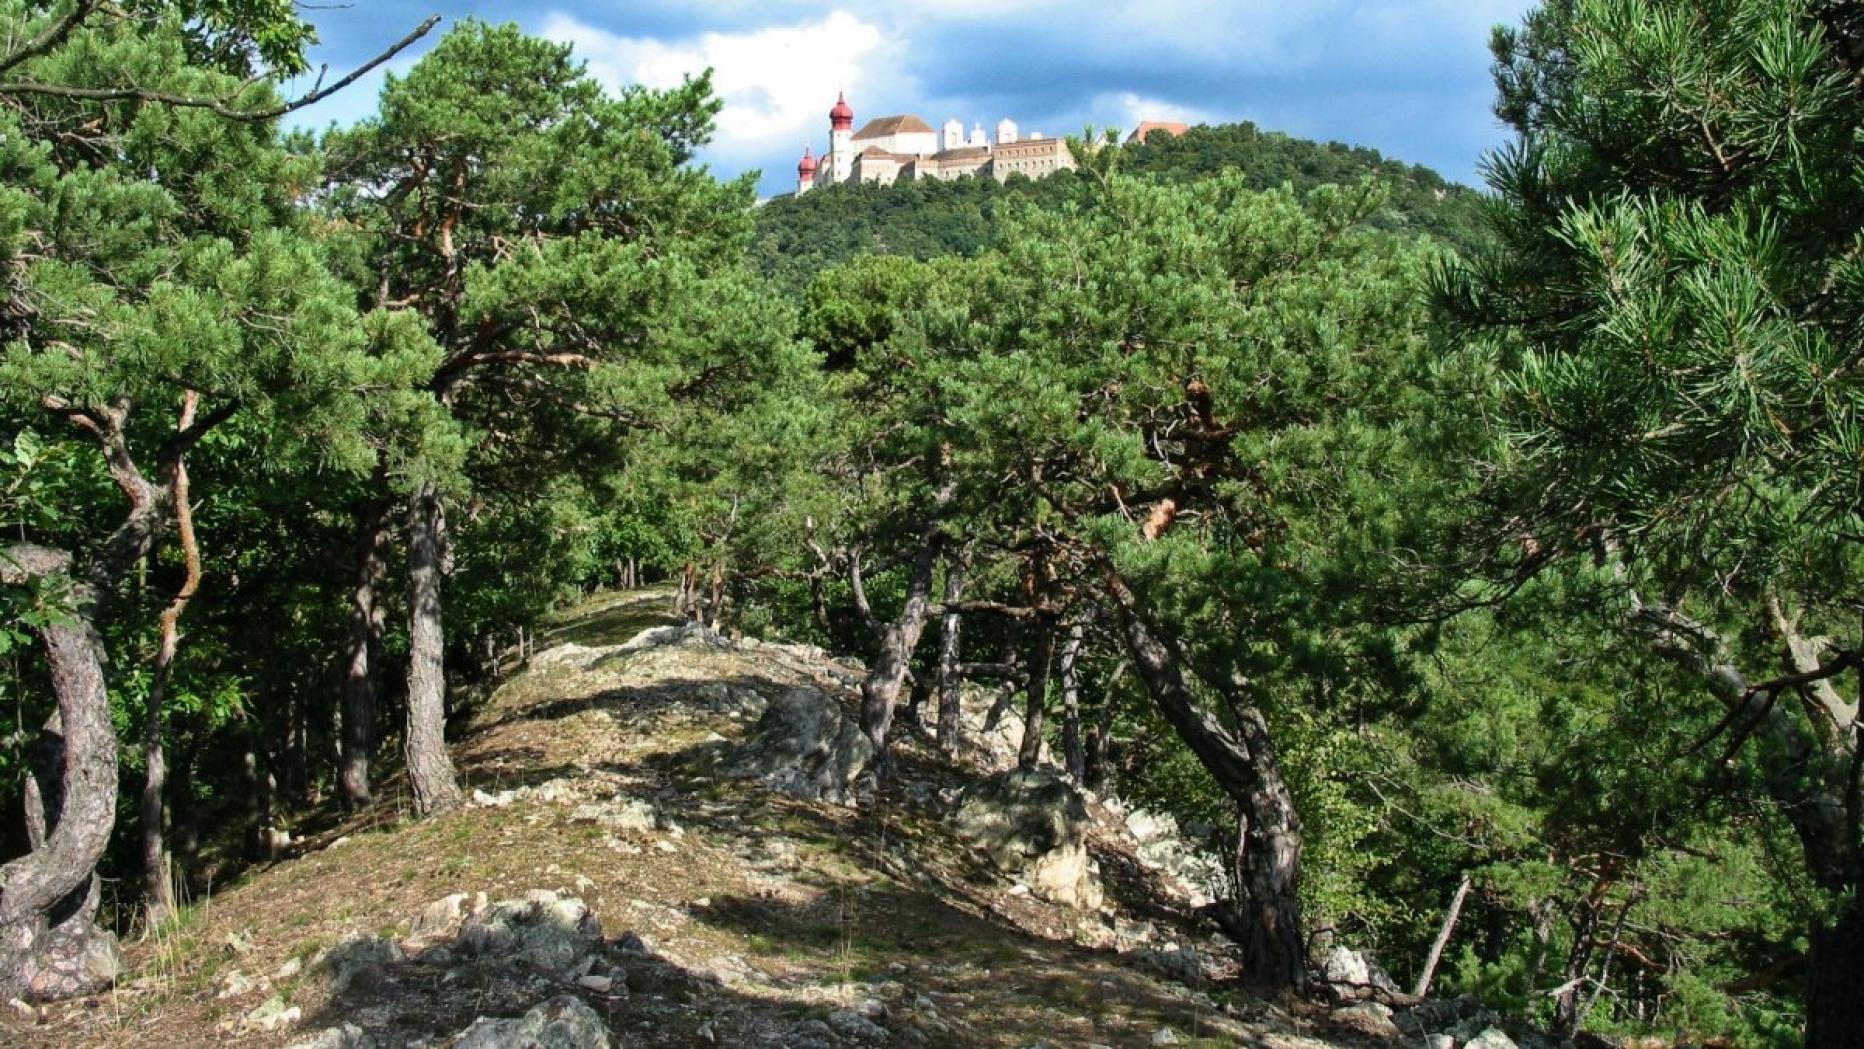 Dunkelsteiner Erlebnisschau - Gemeinde Haunoldstein in N